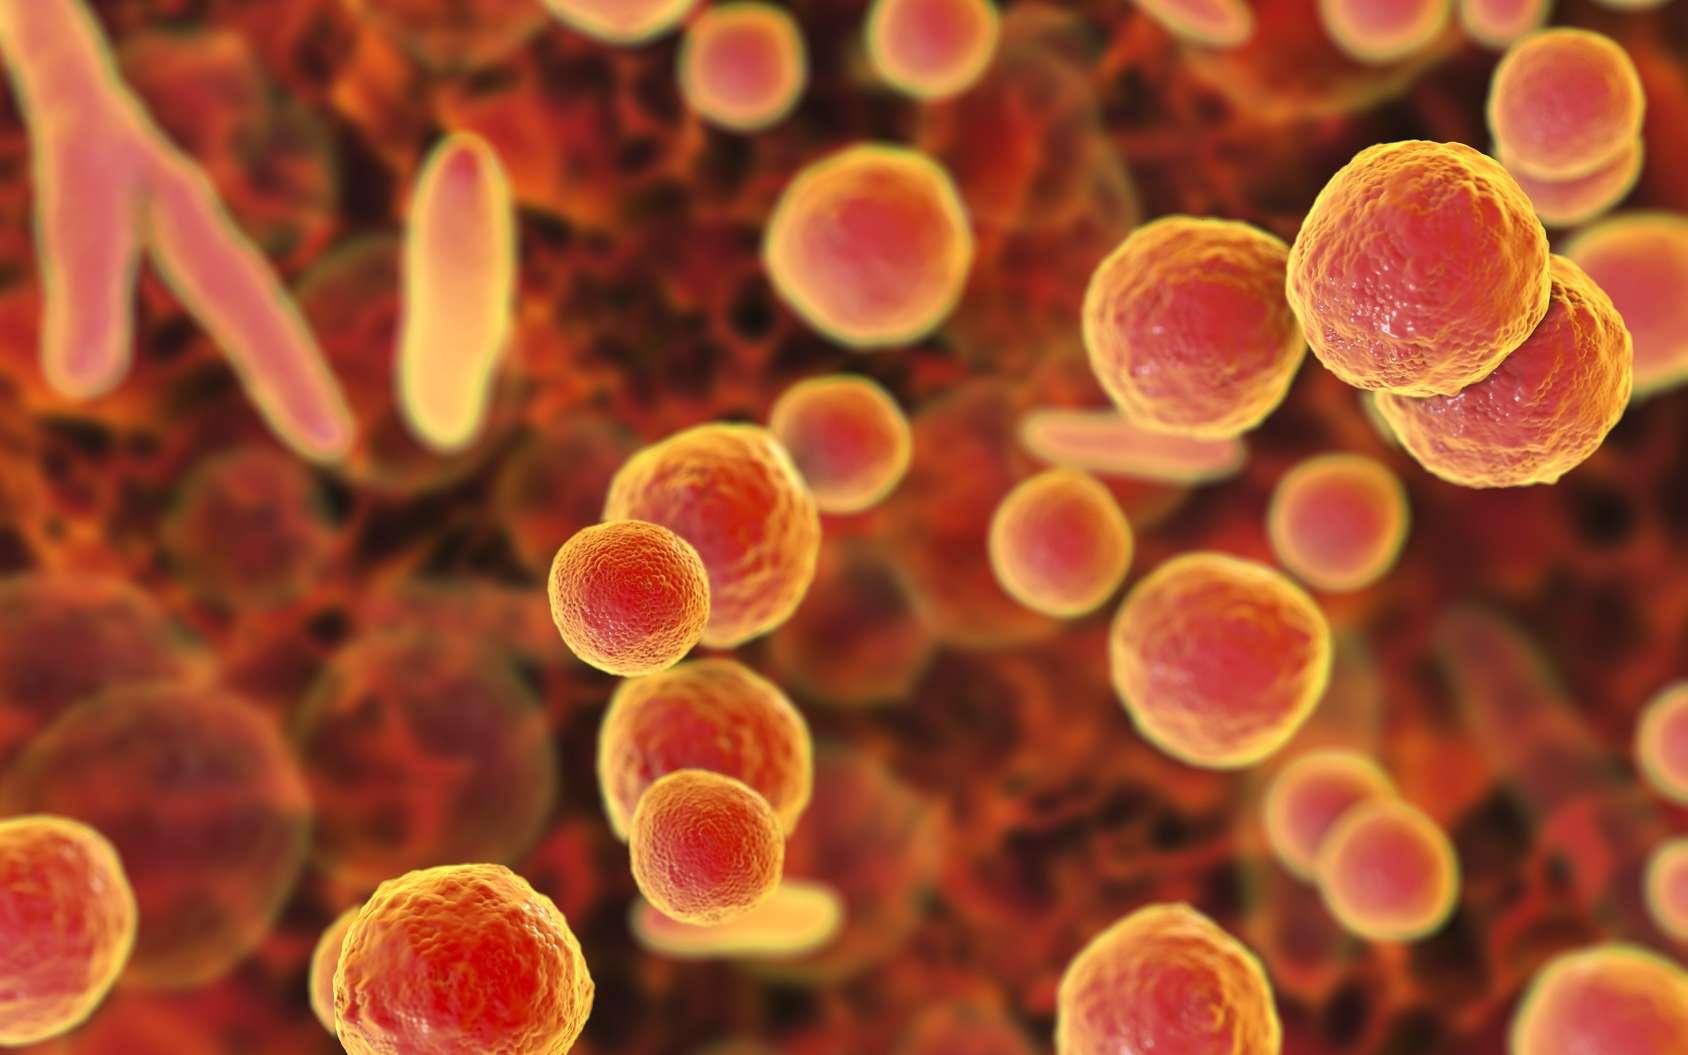 Les mycoplasmes sont de petites bactéries sans paroi. © Kateryna_Kon, Fotolia